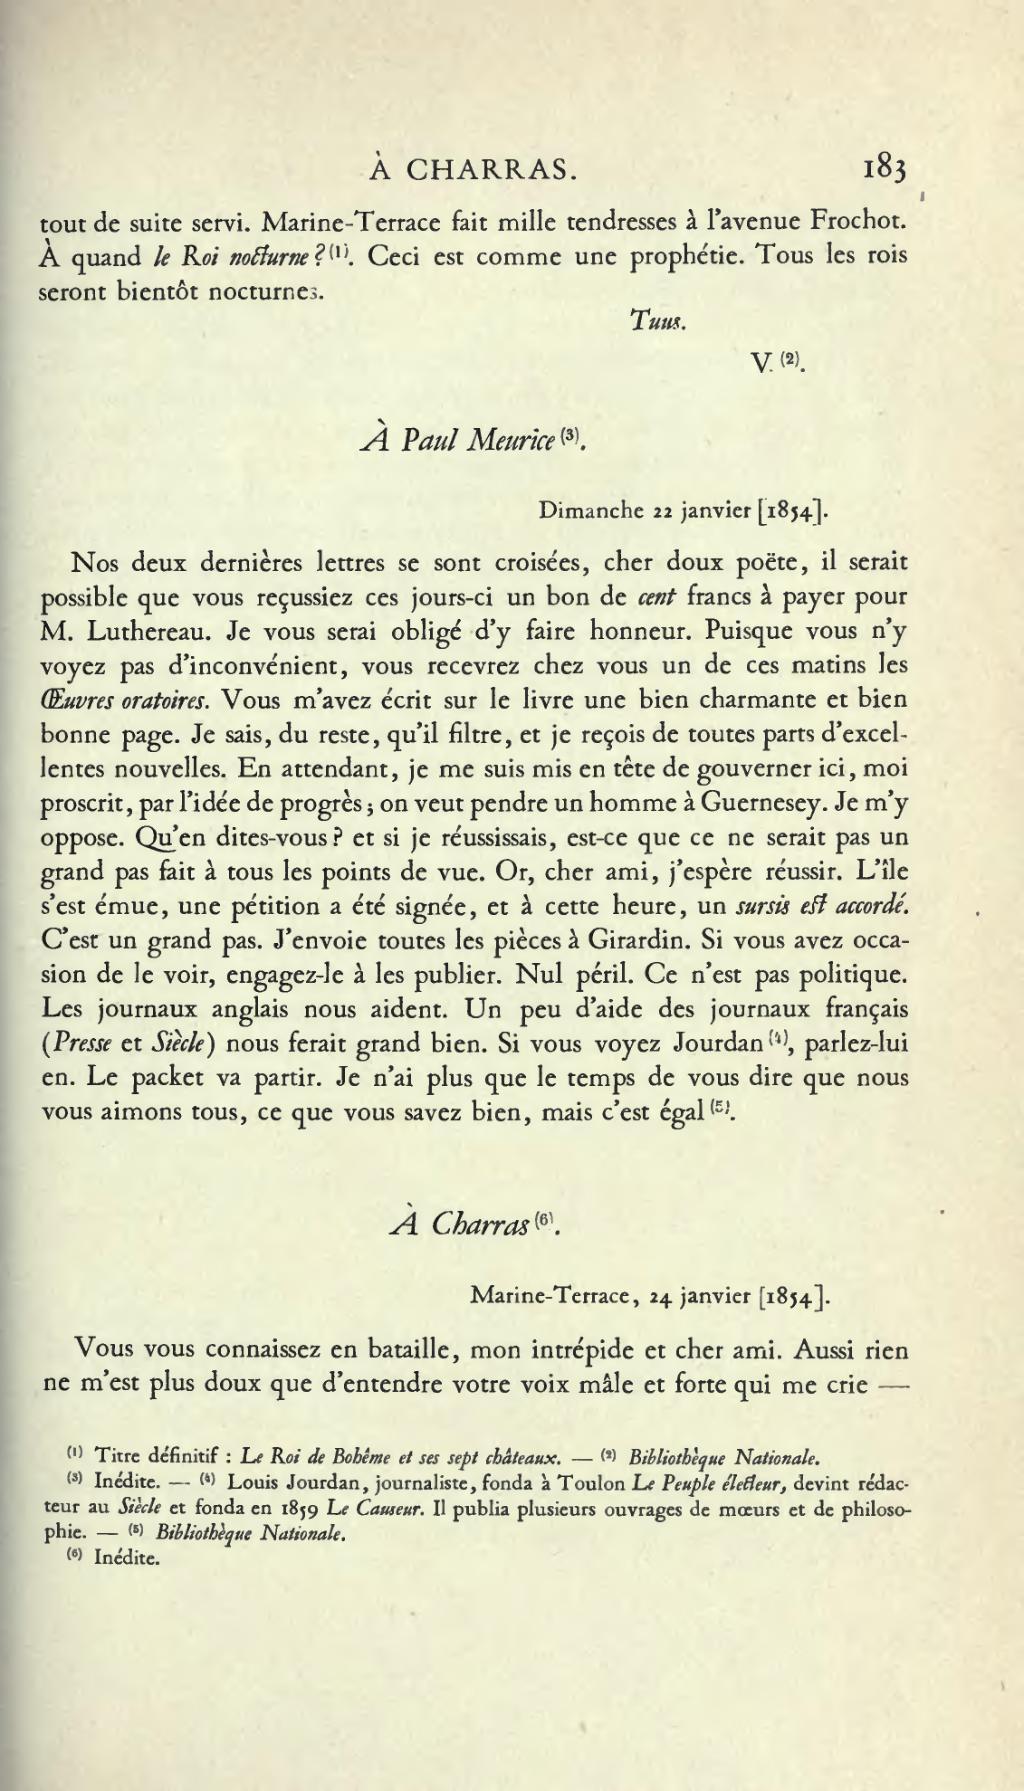 Si Vous N'y Voyez Pas D'inconvénient : voyez, d'inconvénient, Page:Hugo, Œuvres, Complètes,, Impr., Nat.,, Correspondance,, II.djvu/191, Wikisource